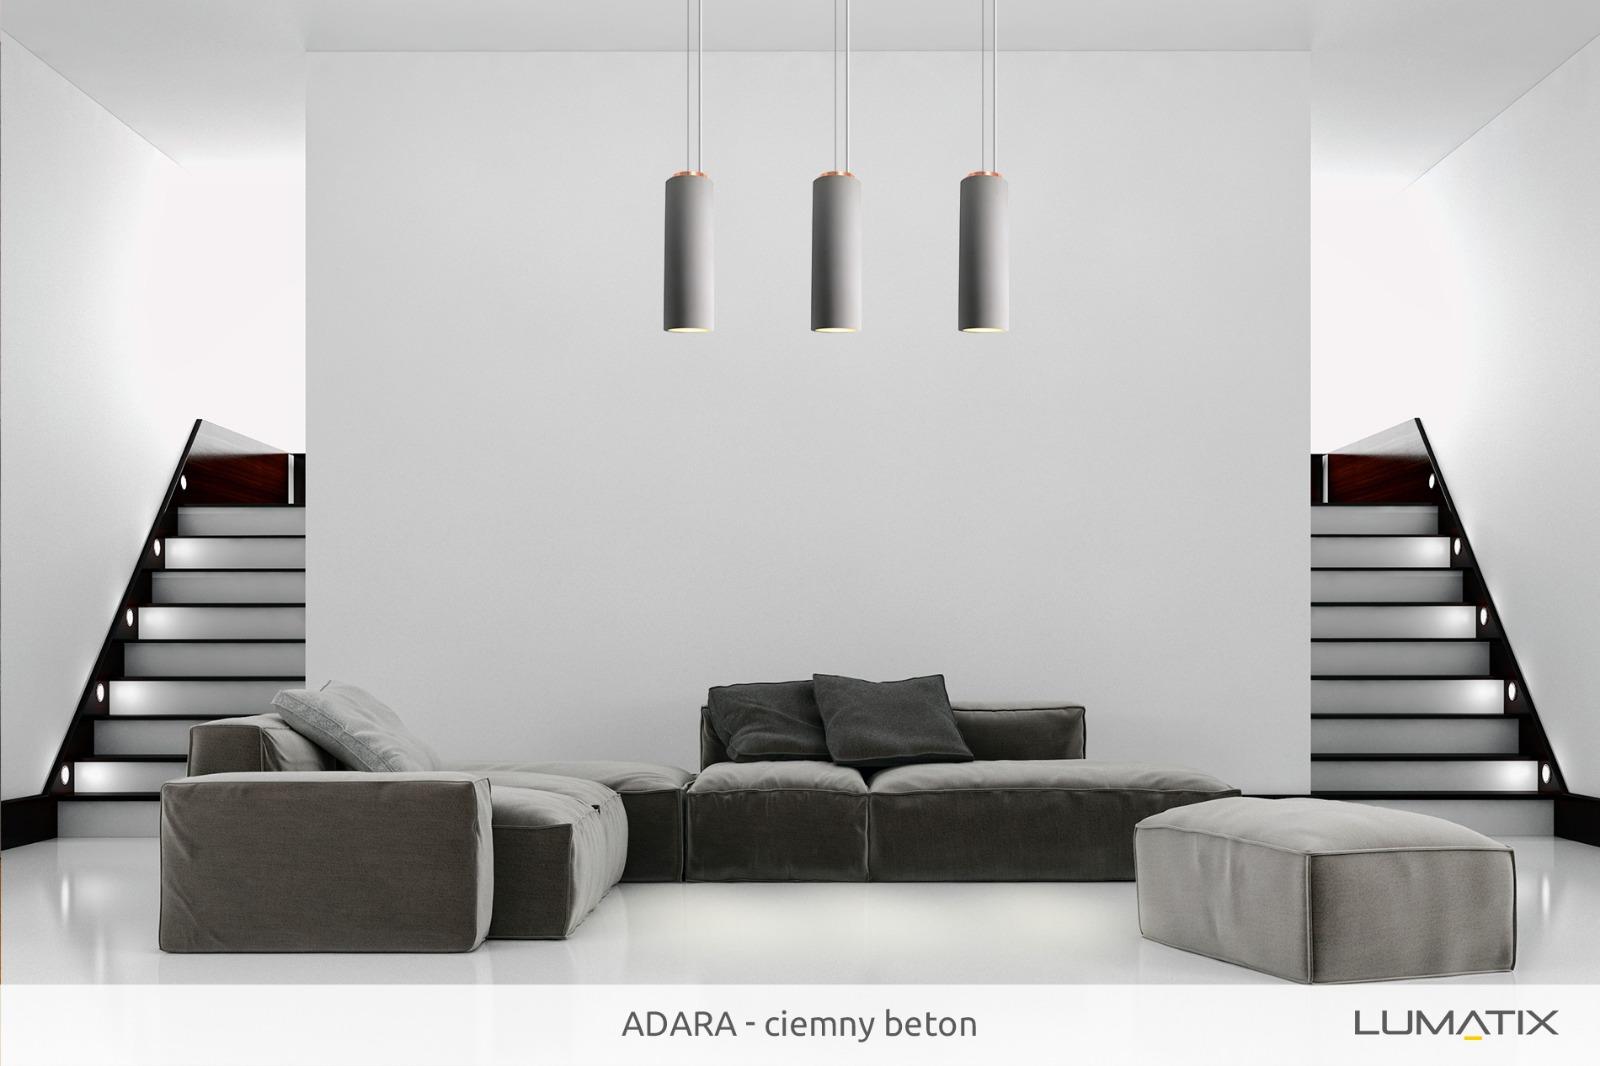 Aranżacja: Lampa Lumatix Adara ciemny szary beton